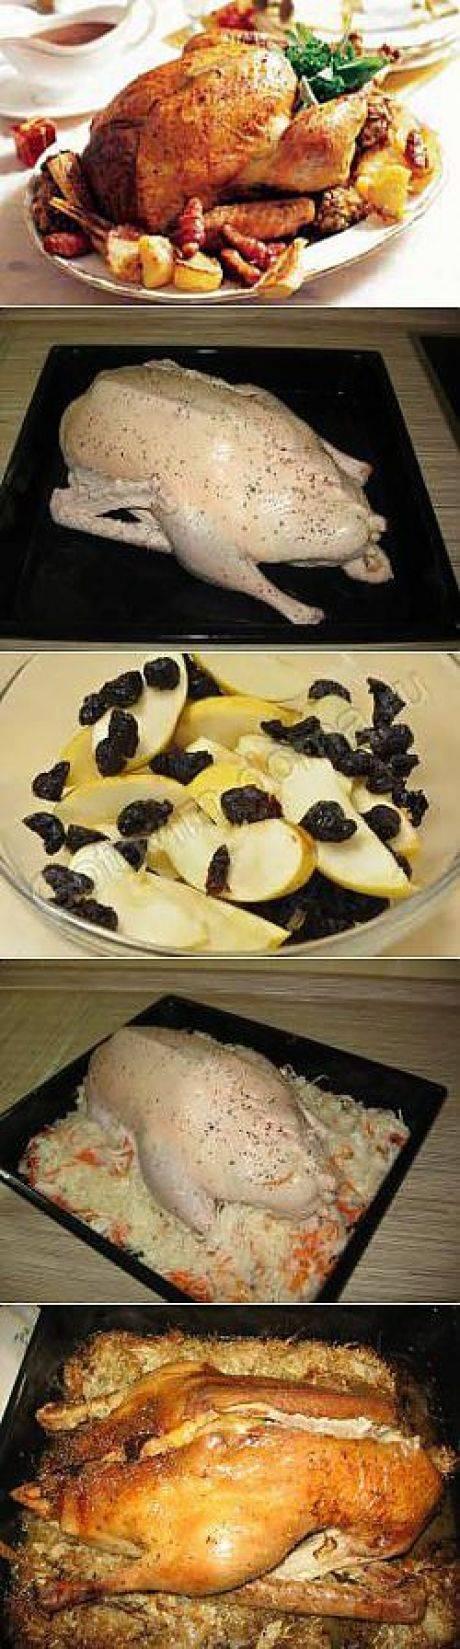 Гусь в духовке – как приготовить вкусного гуся, чтобы он был мягким и сочным